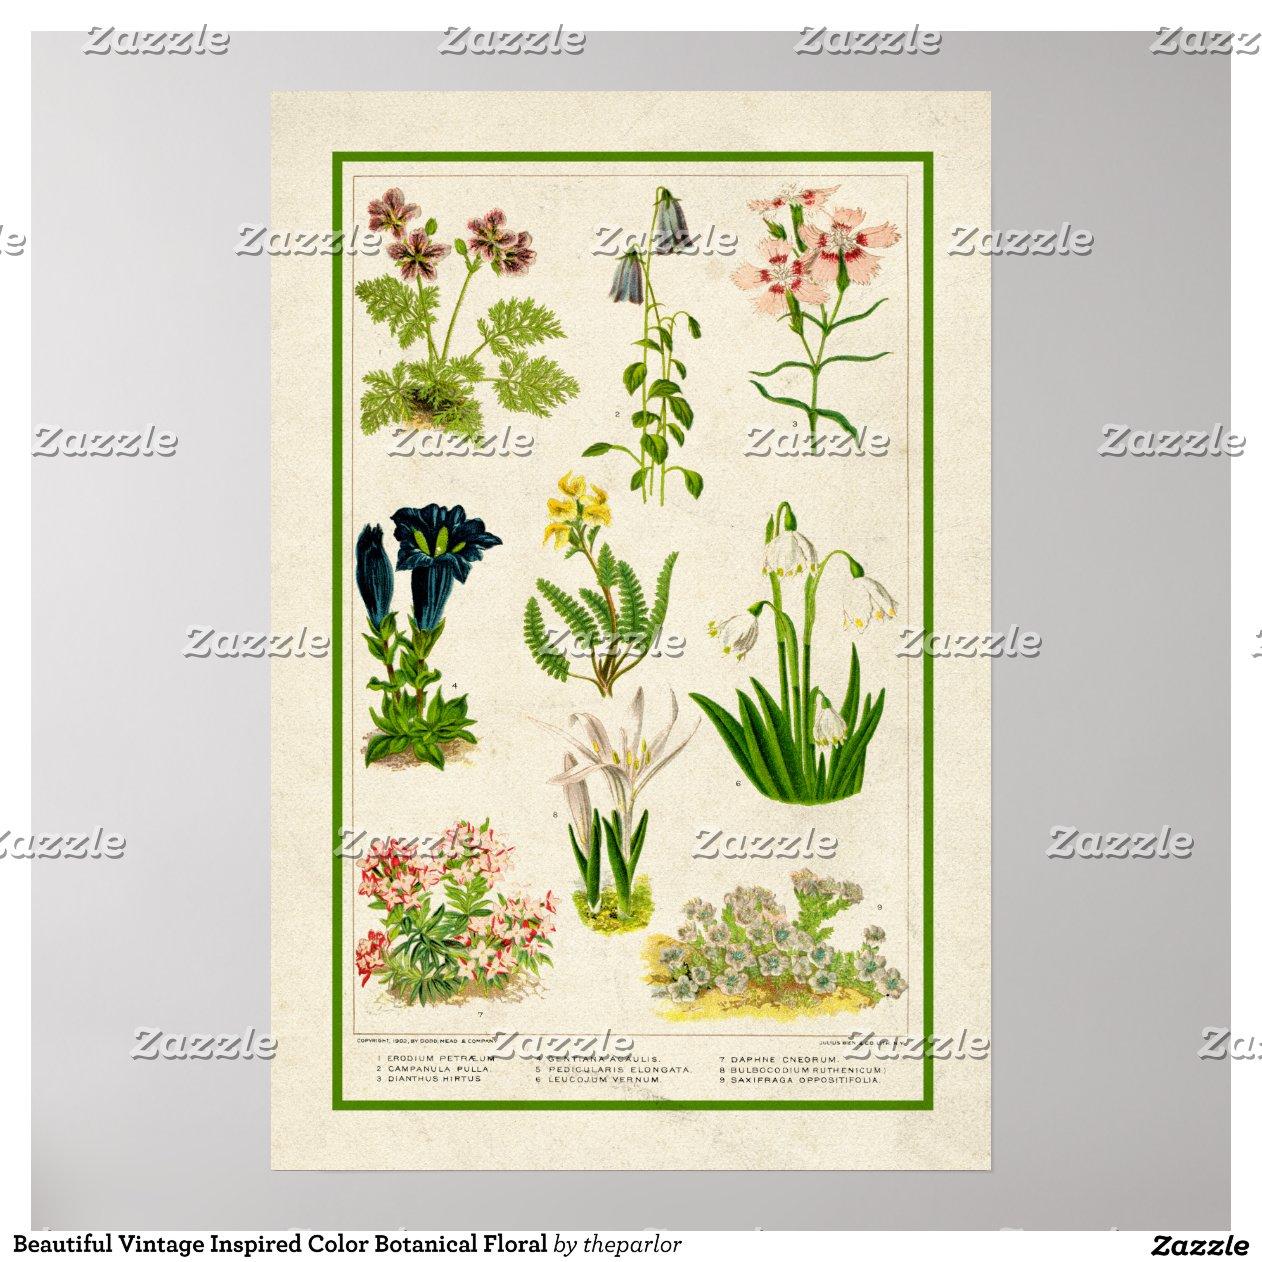 mooie wijnoogst ge nspireerde botanische bloemen poster zazzle. Black Bedroom Furniture Sets. Home Design Ideas